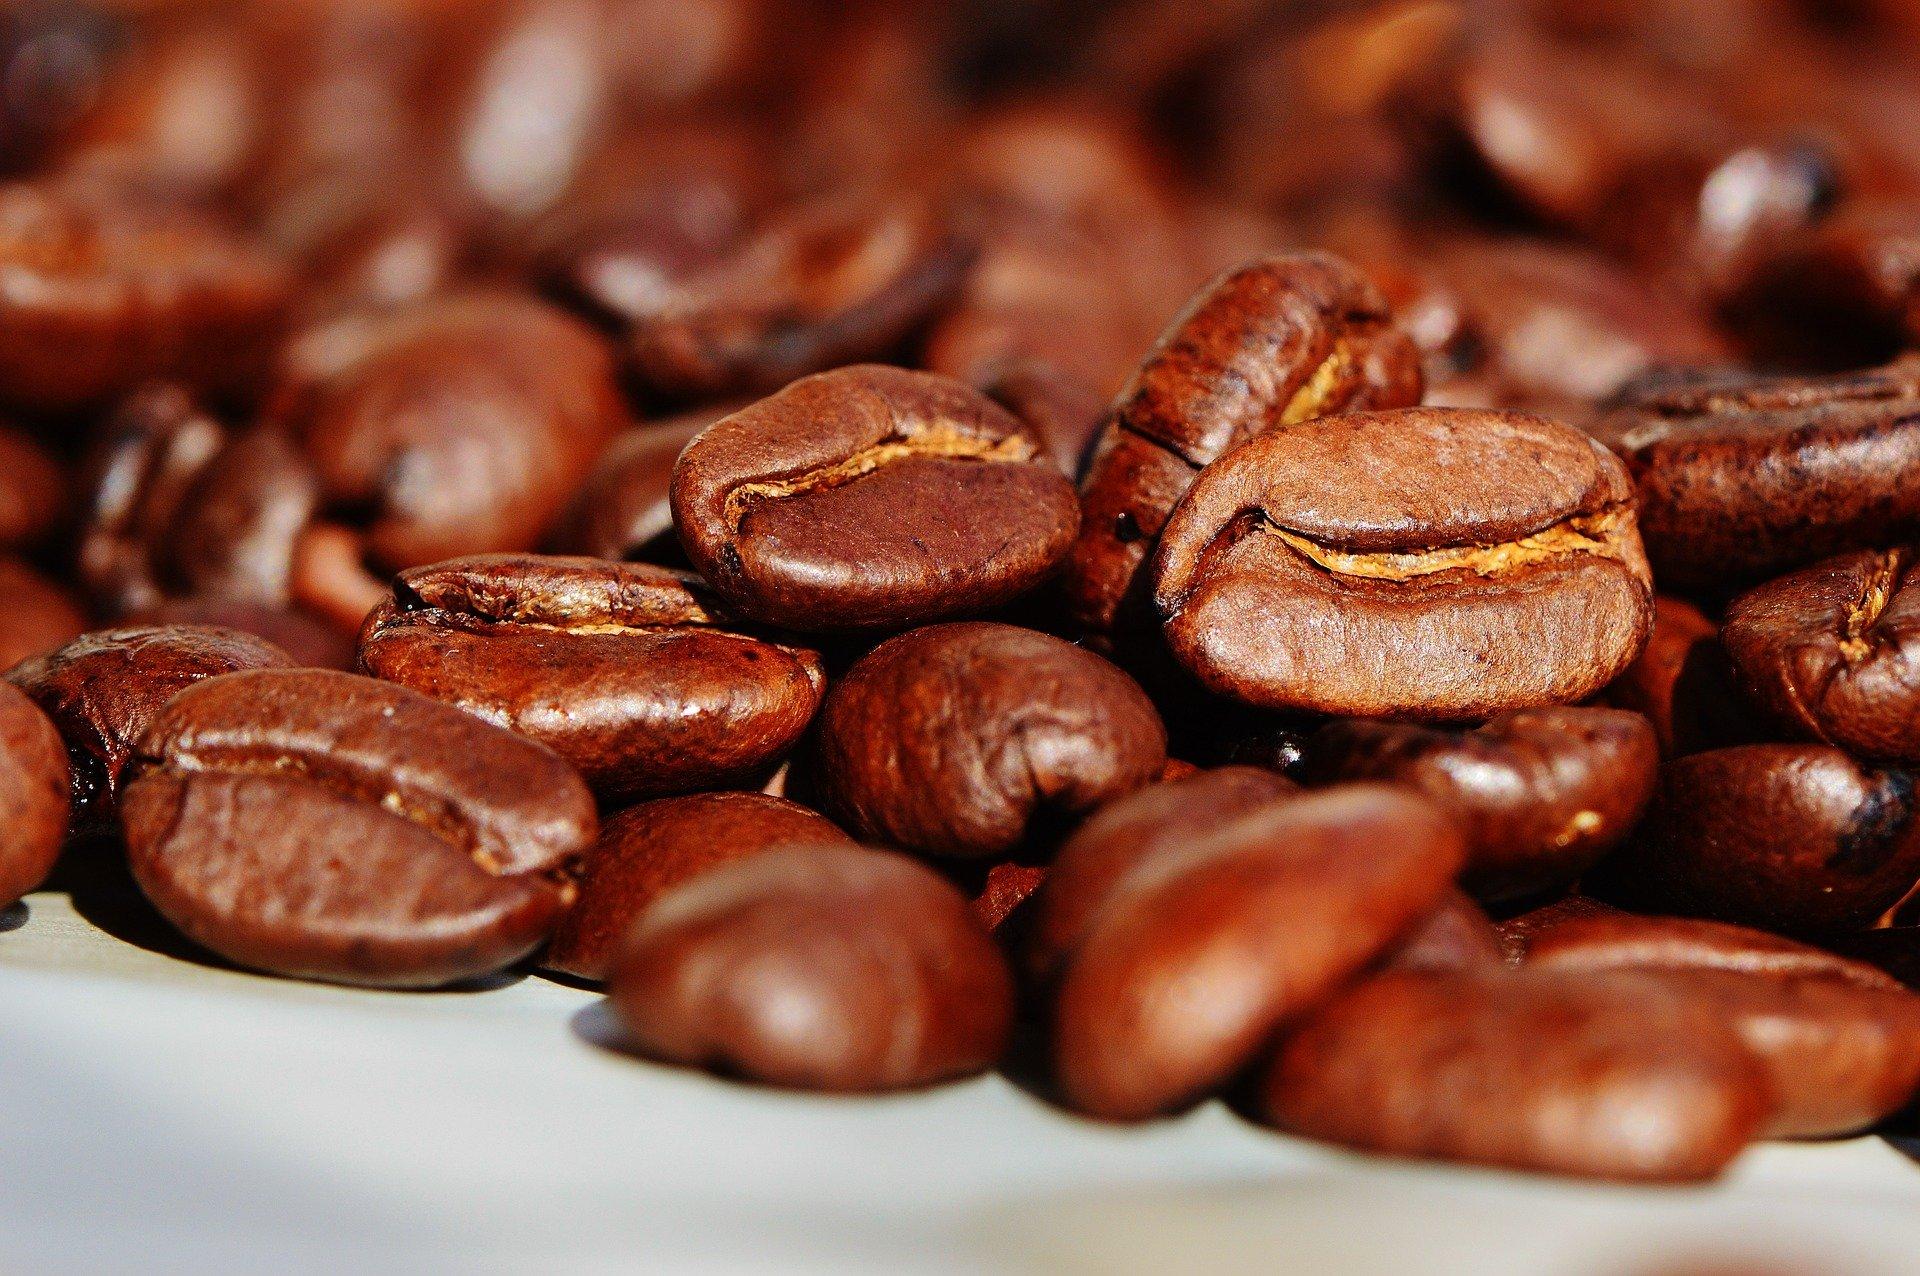 Εθισμός στην καφεΐνη: Οφέλη και επιπτώσεις